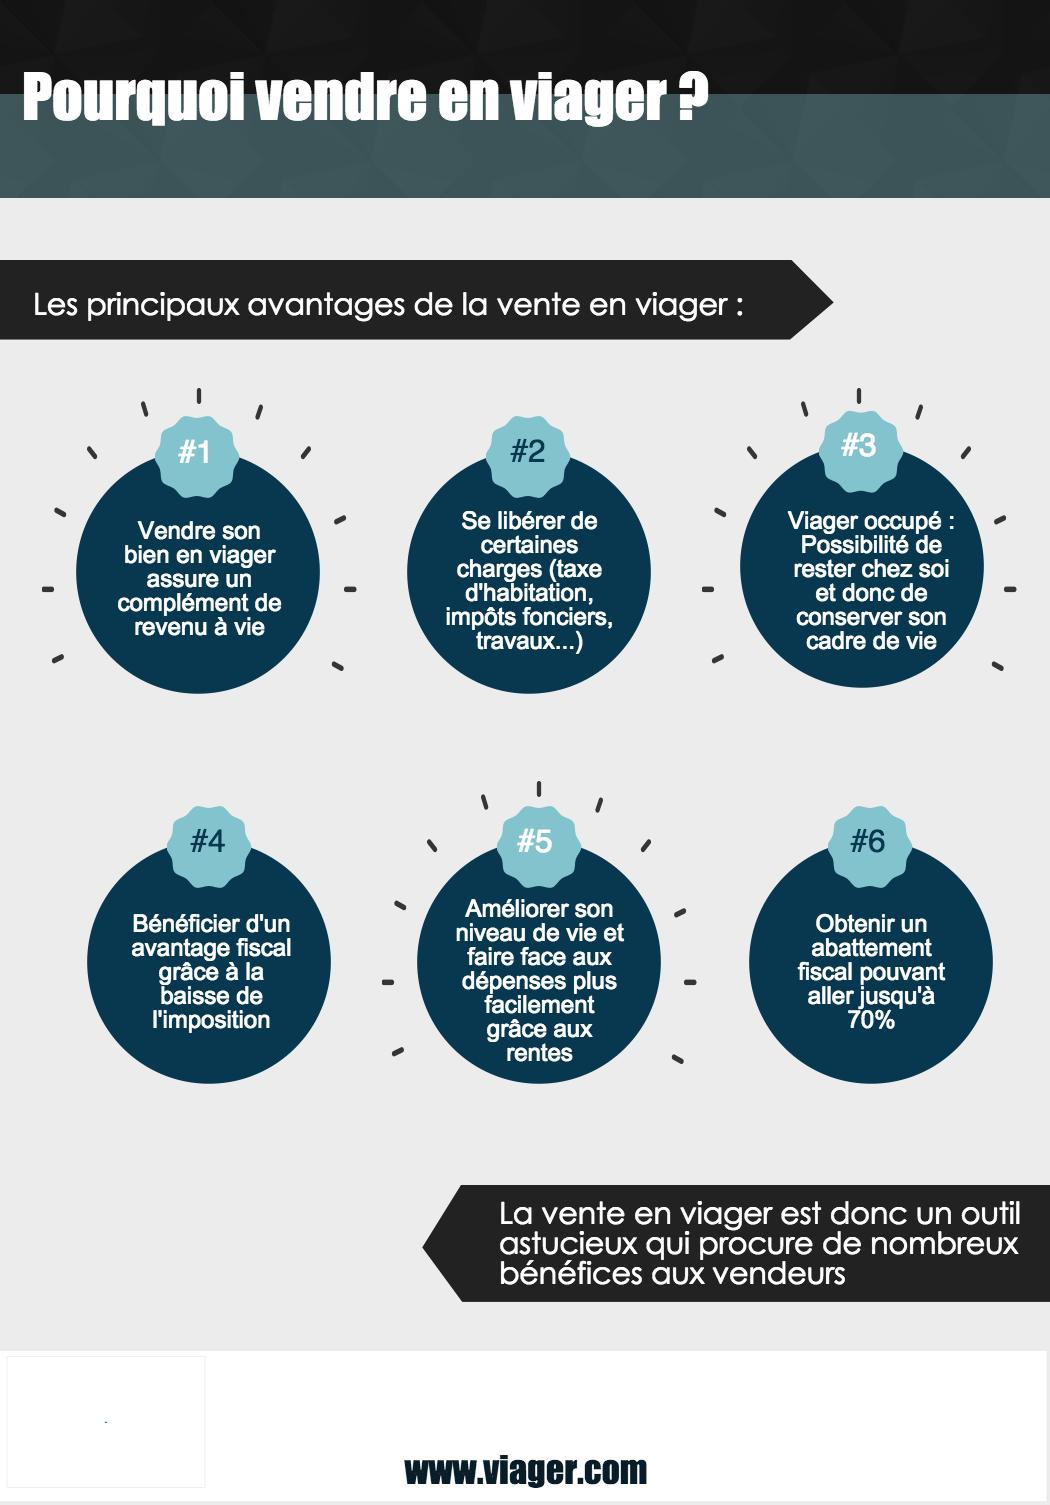 infographie - Pourquoi vendre en viager